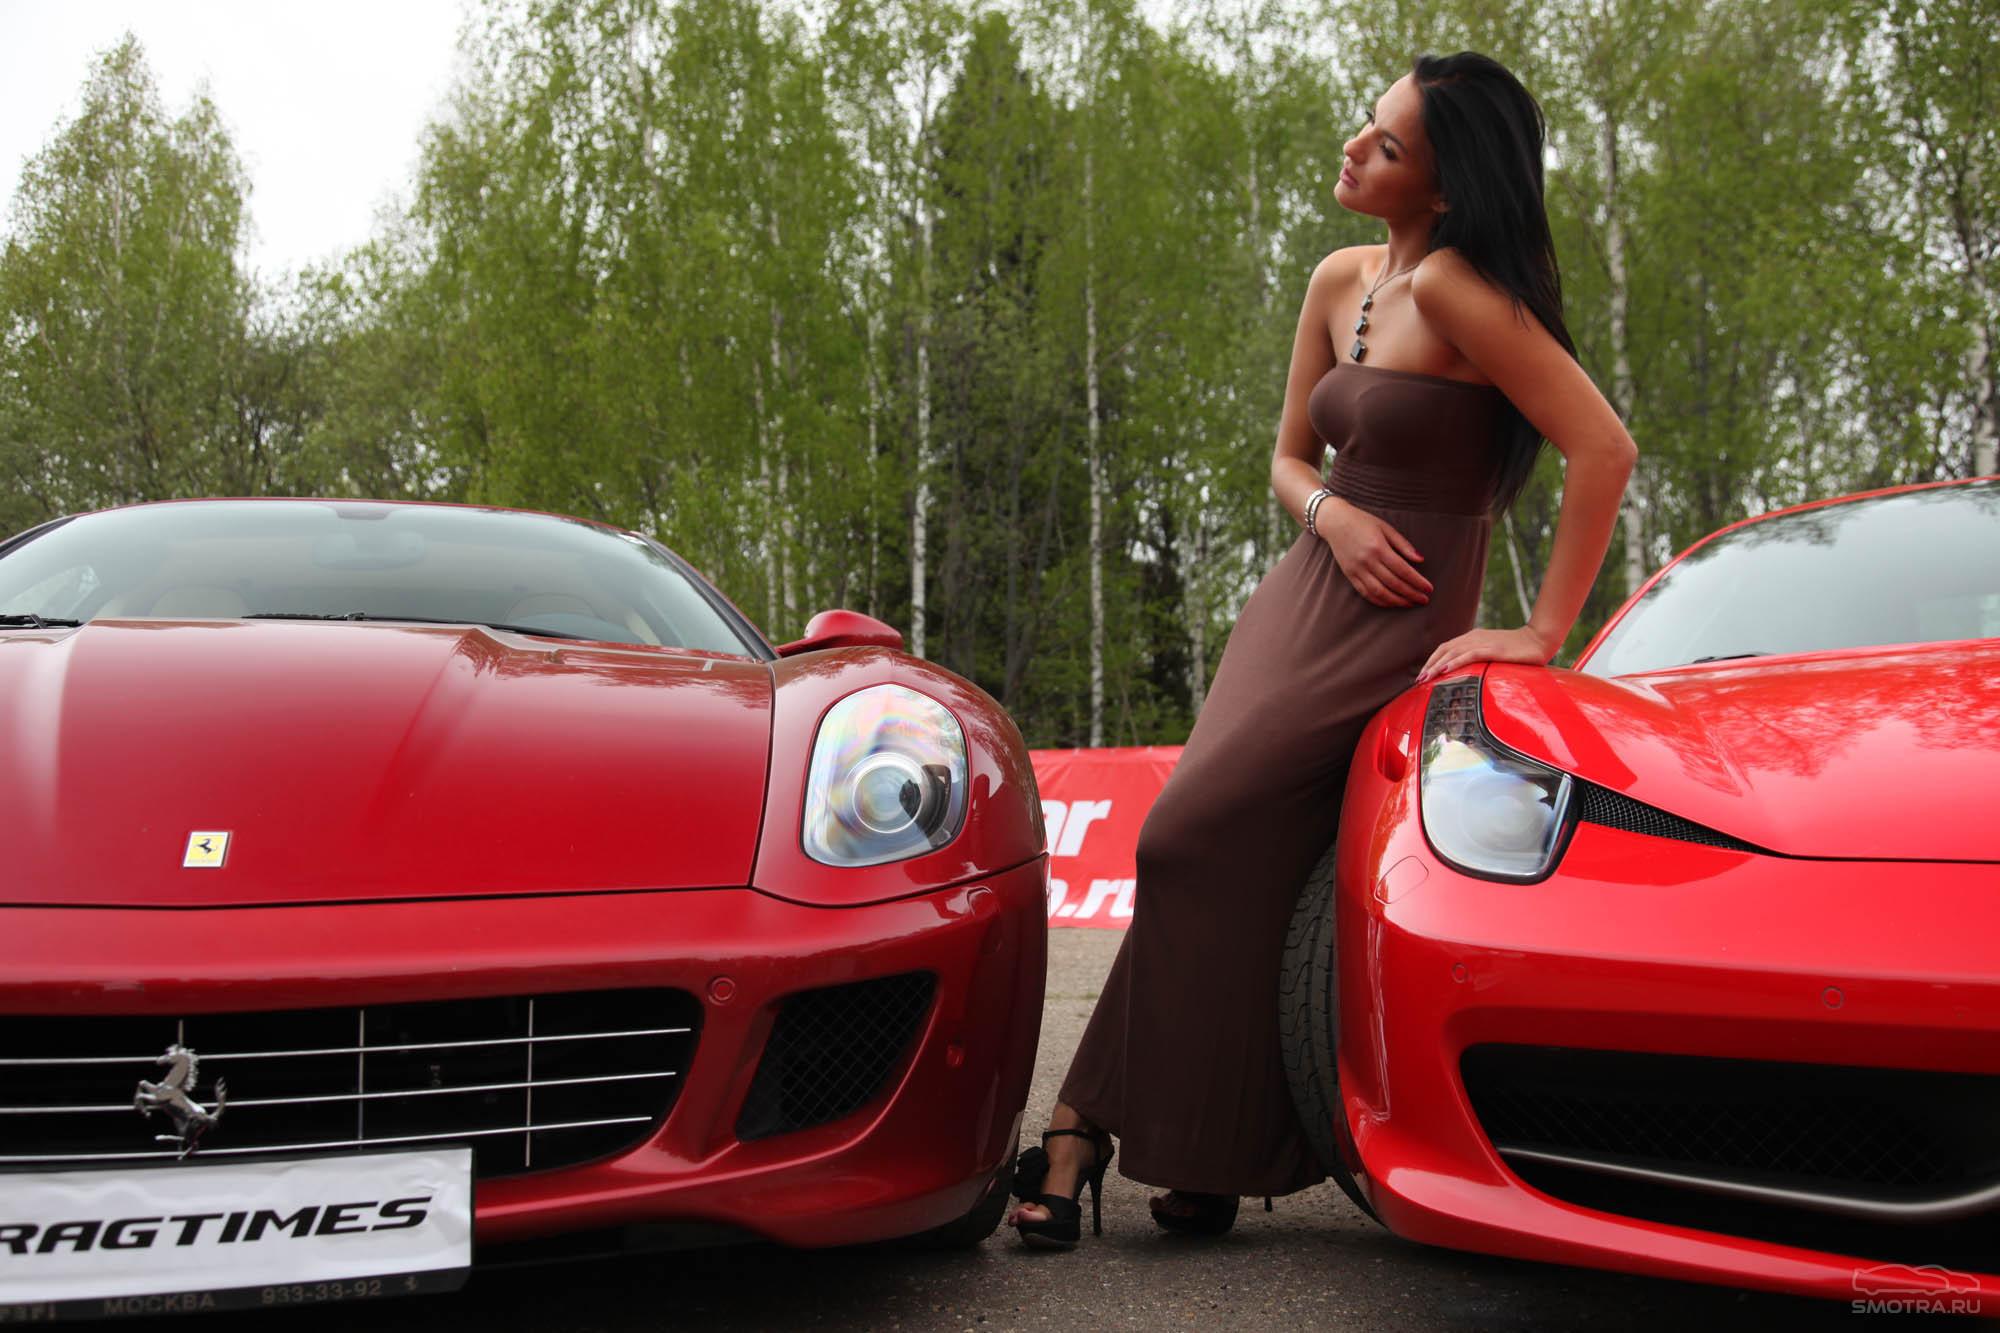 Богатые девушки фото русские